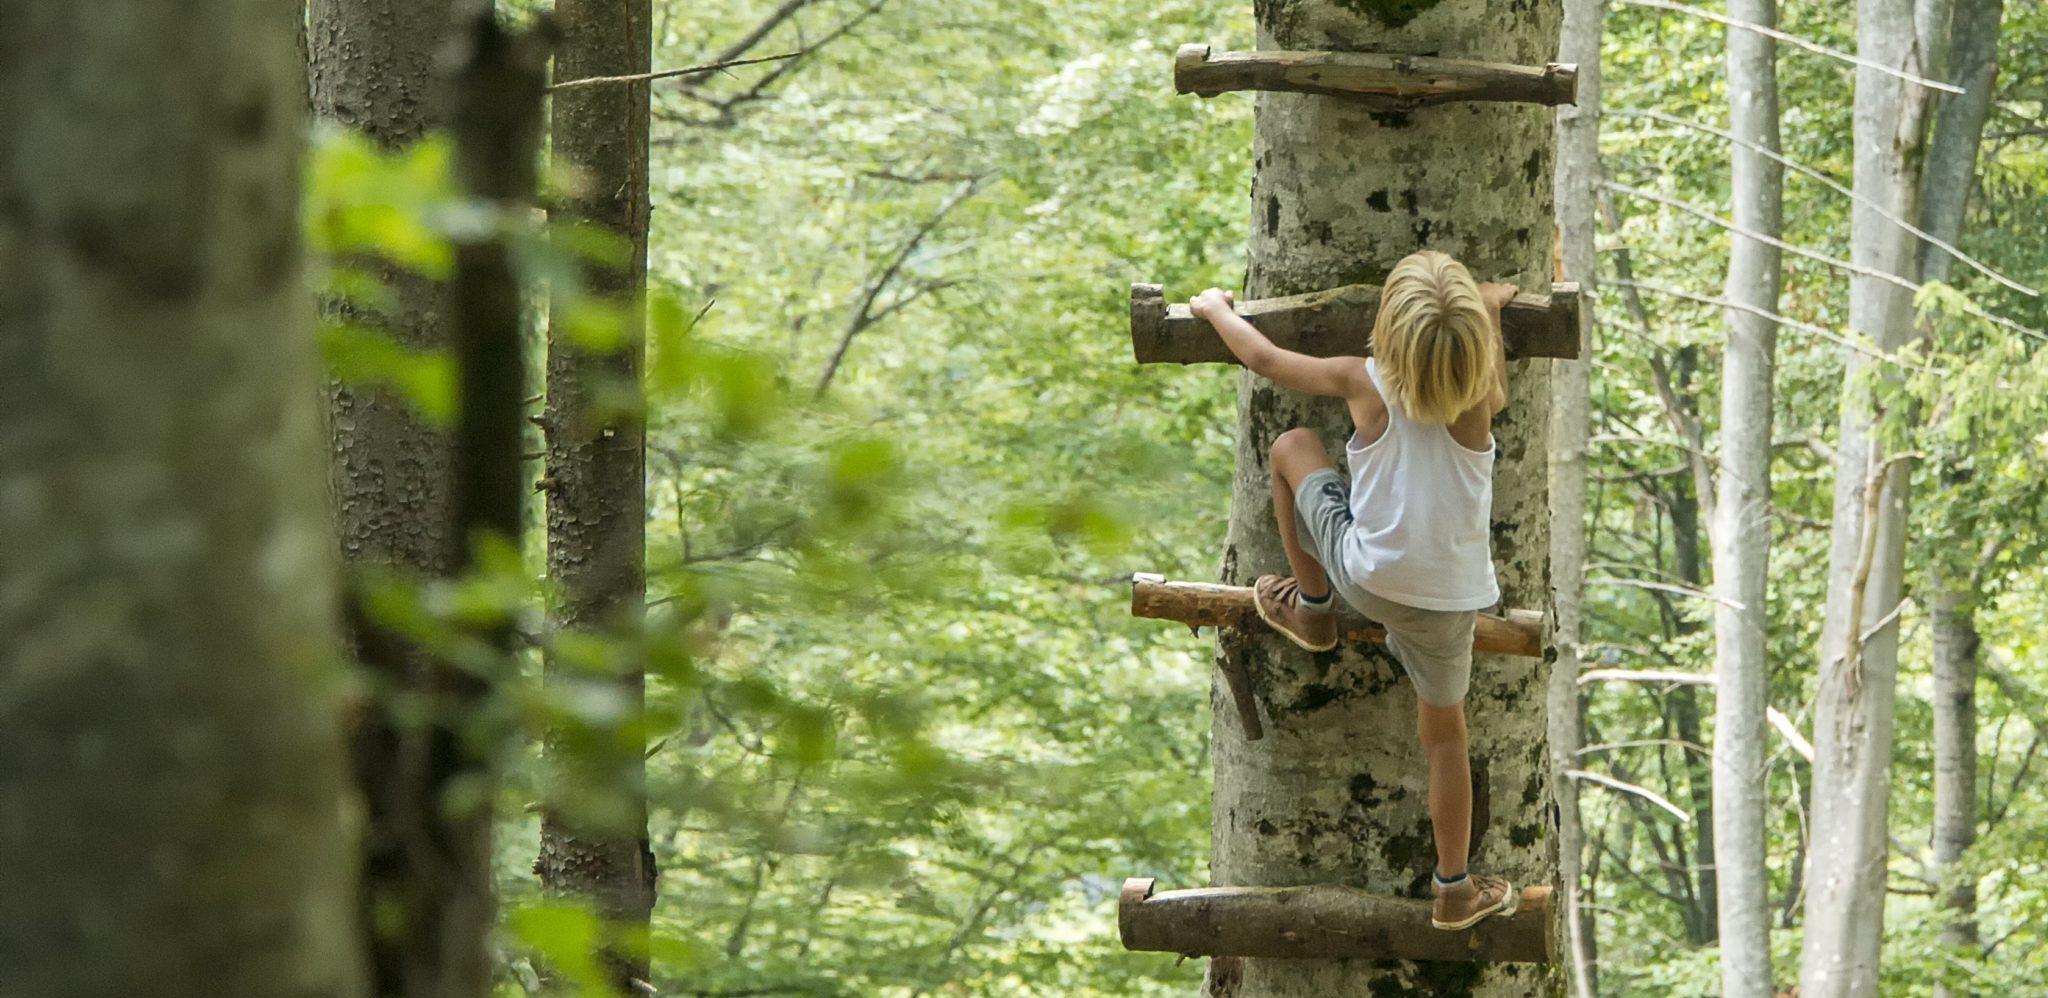 enfant dans forêt